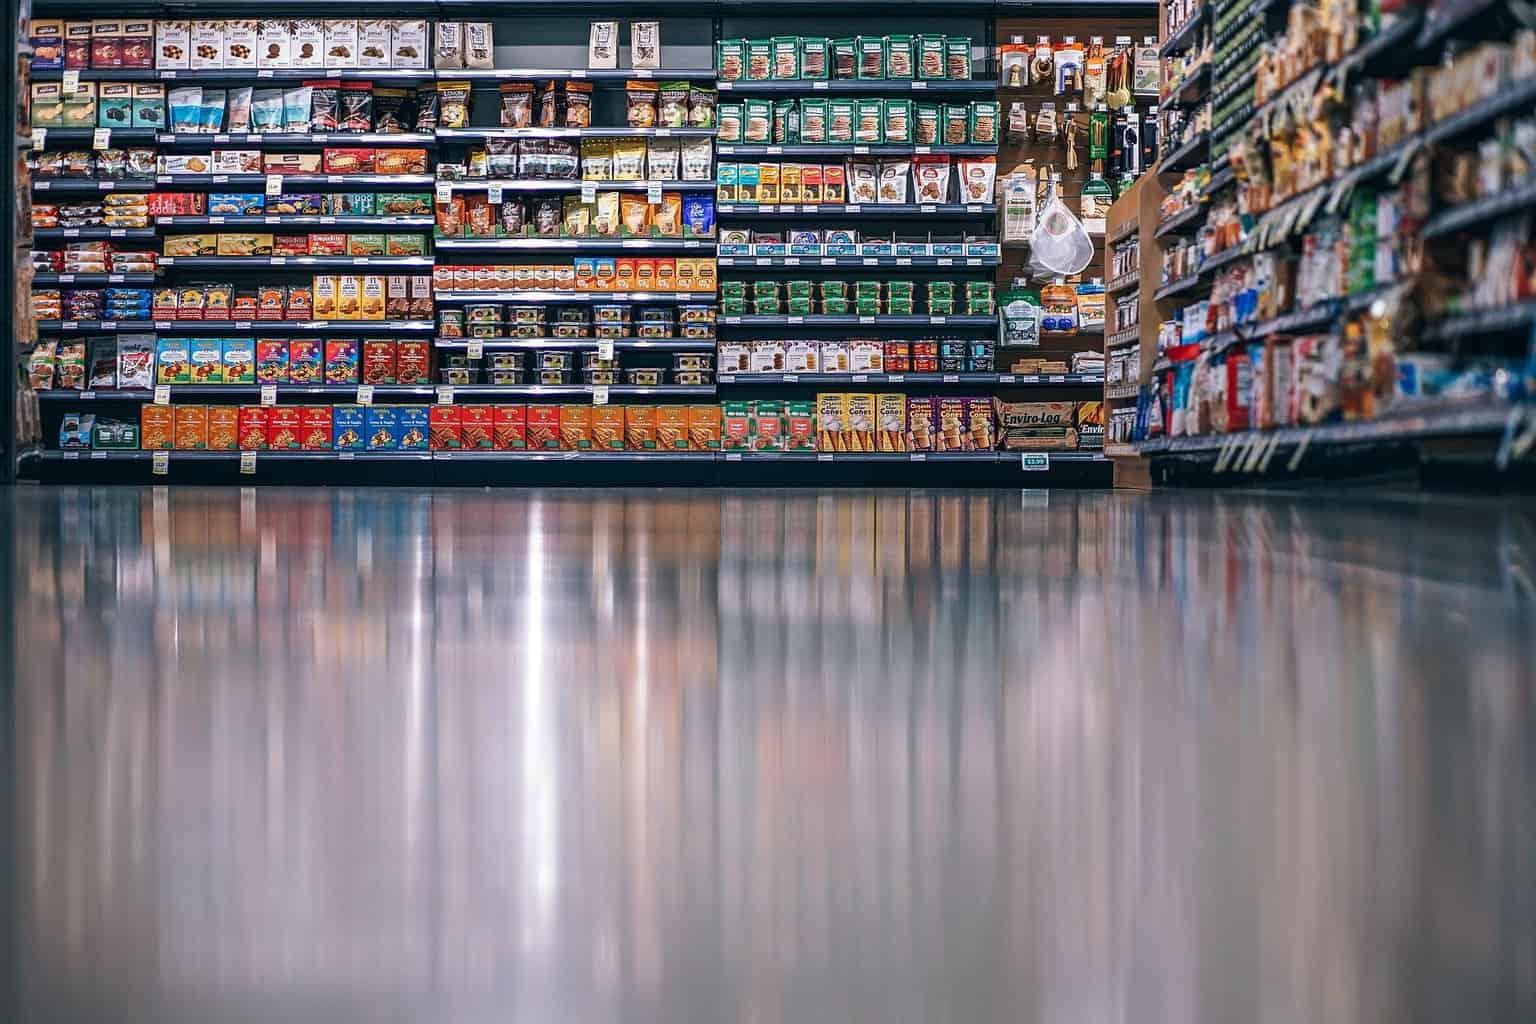 dubai supermarket